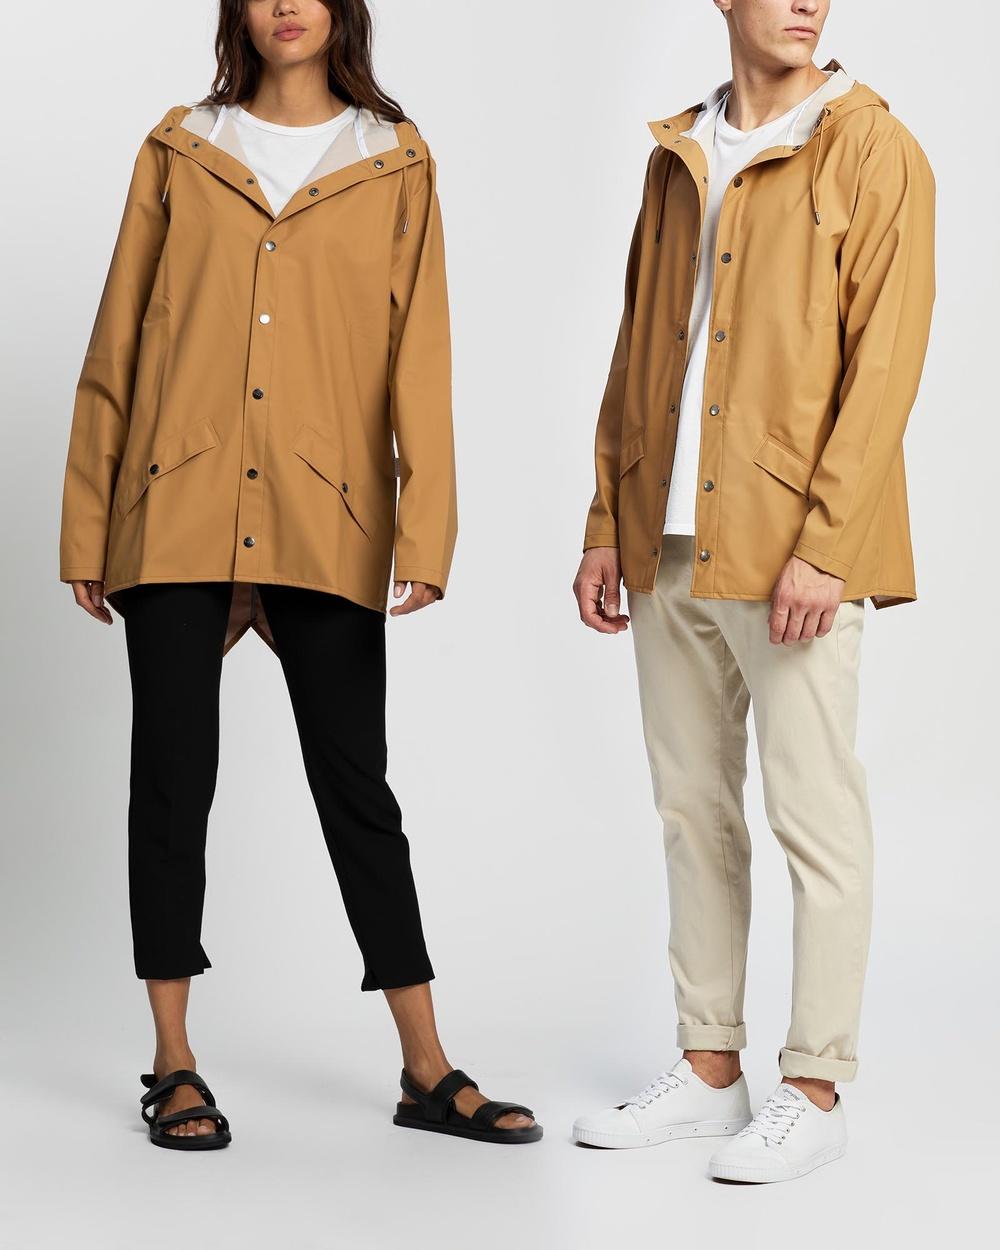 RAINS Jacket Coats & Jackets Khaki